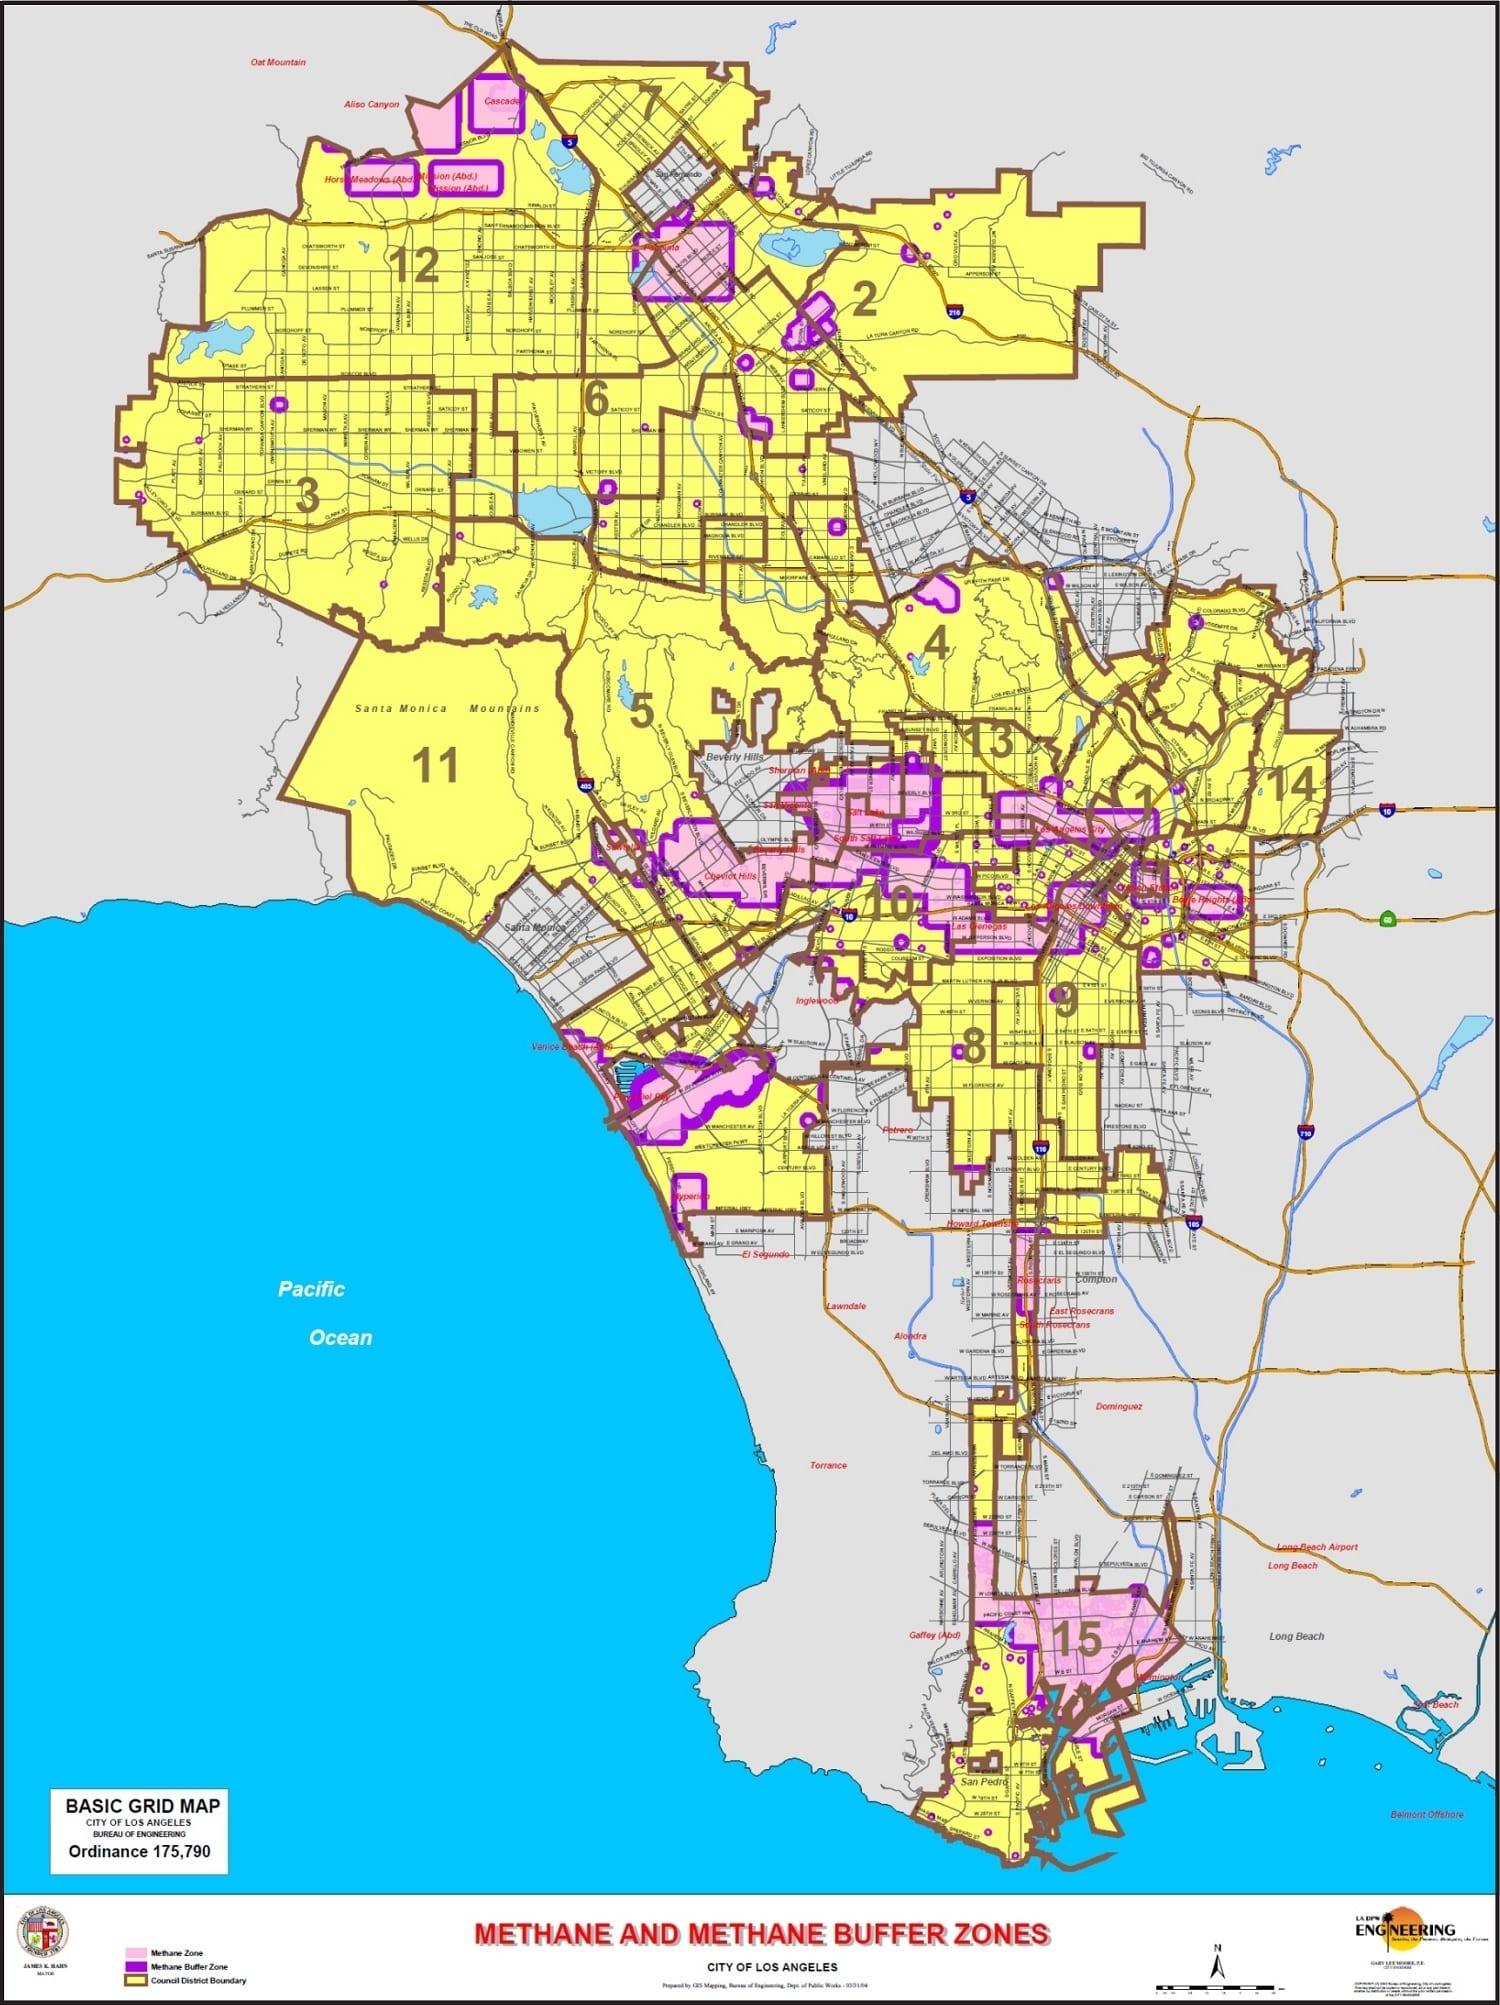 Los Angeles Methane Zones Map » Geo Forward in Los Angeles Methane Map